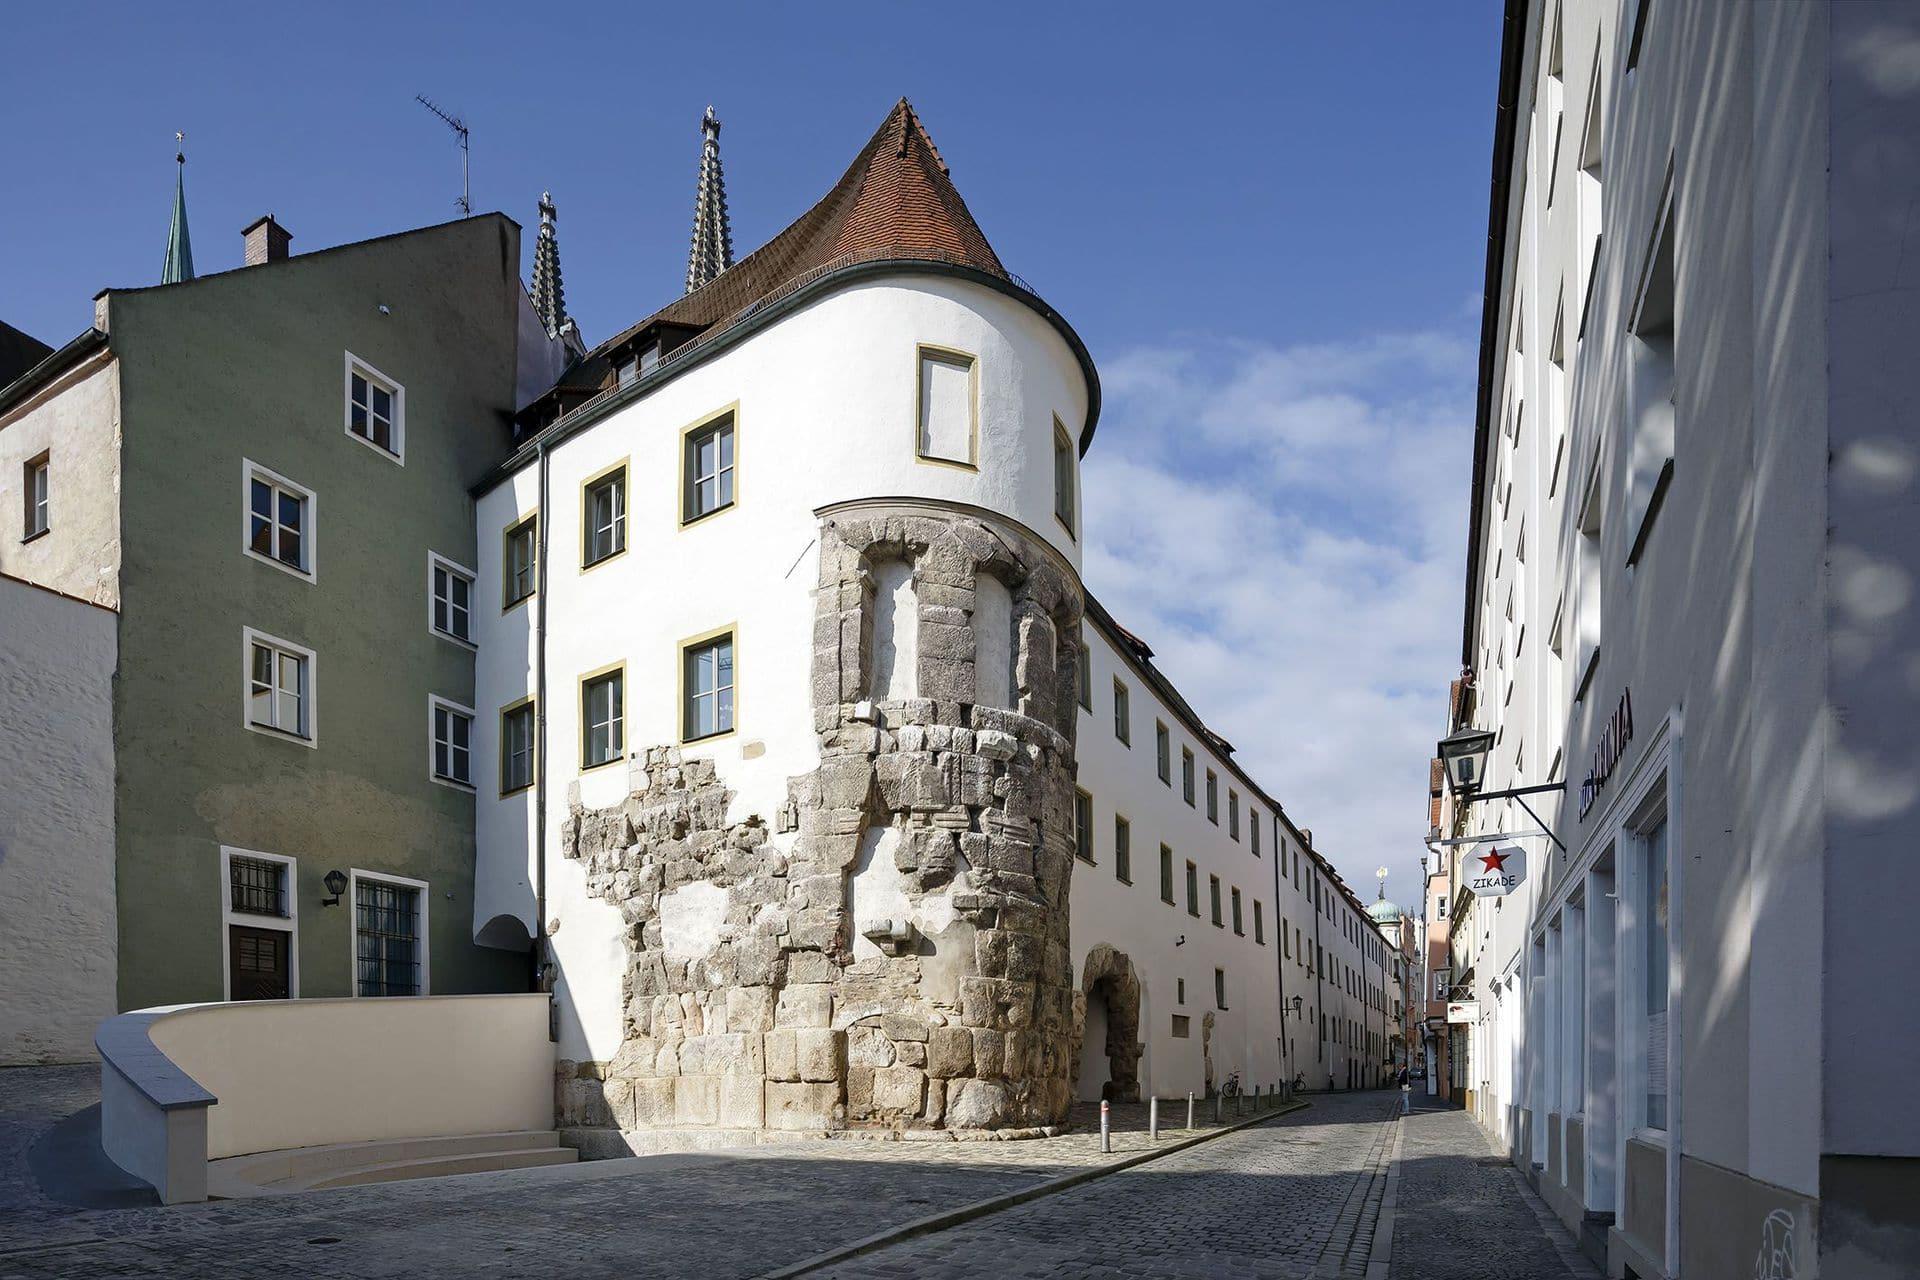 Den Römern sei Dank! Zweiter Welterbetitel für Regensburg! Die Unesco hat den Donaulimes geadelt. Von der römischen Außengrenze finden sich geschichtliche Zeugnisse auch in der Domstadt.